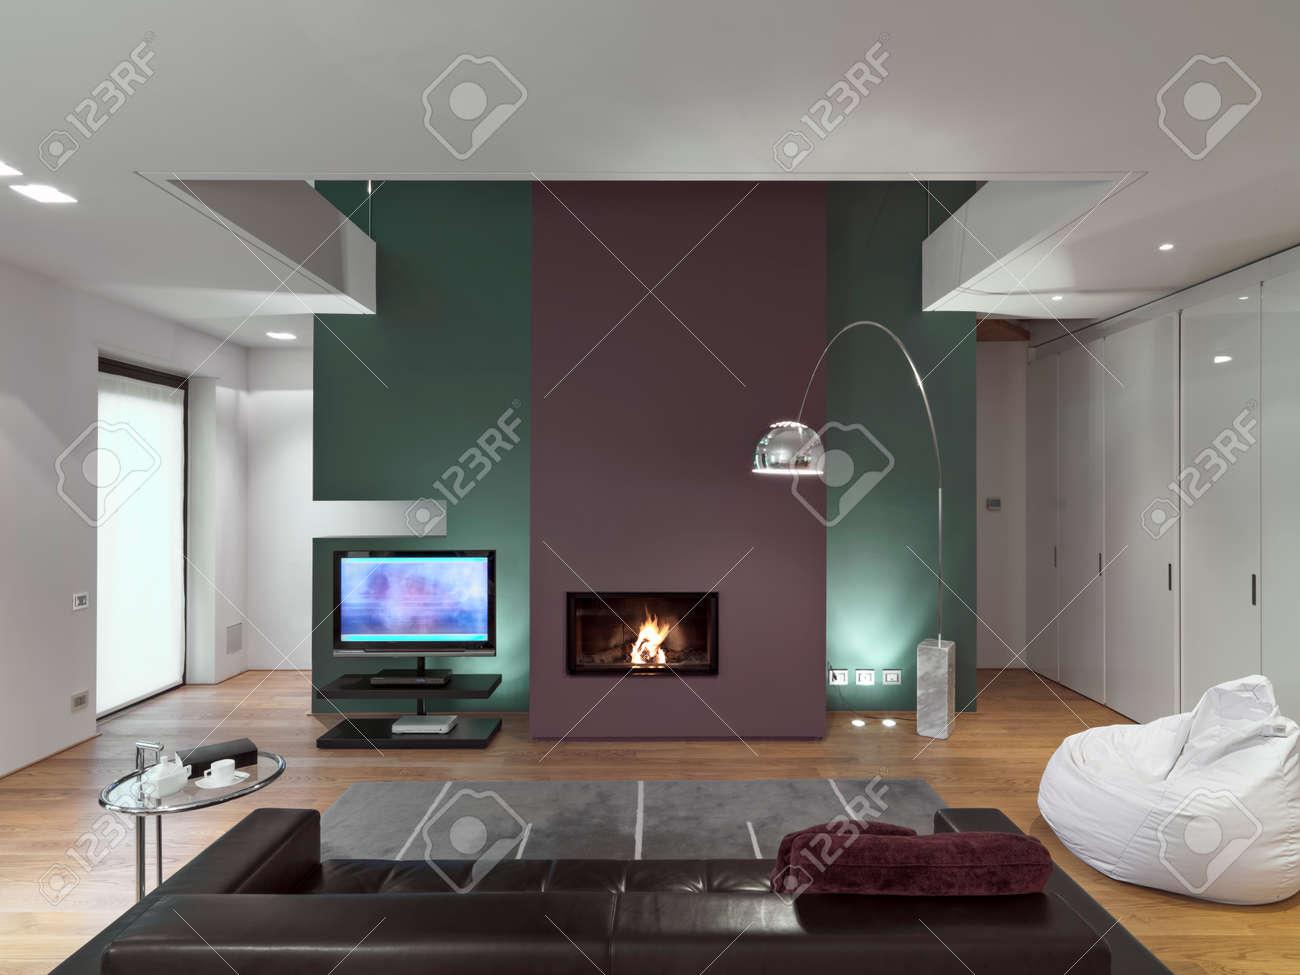 Salotto Moderno Legno : Vista interiore di un salotto moderno con divano in pelle davanti al